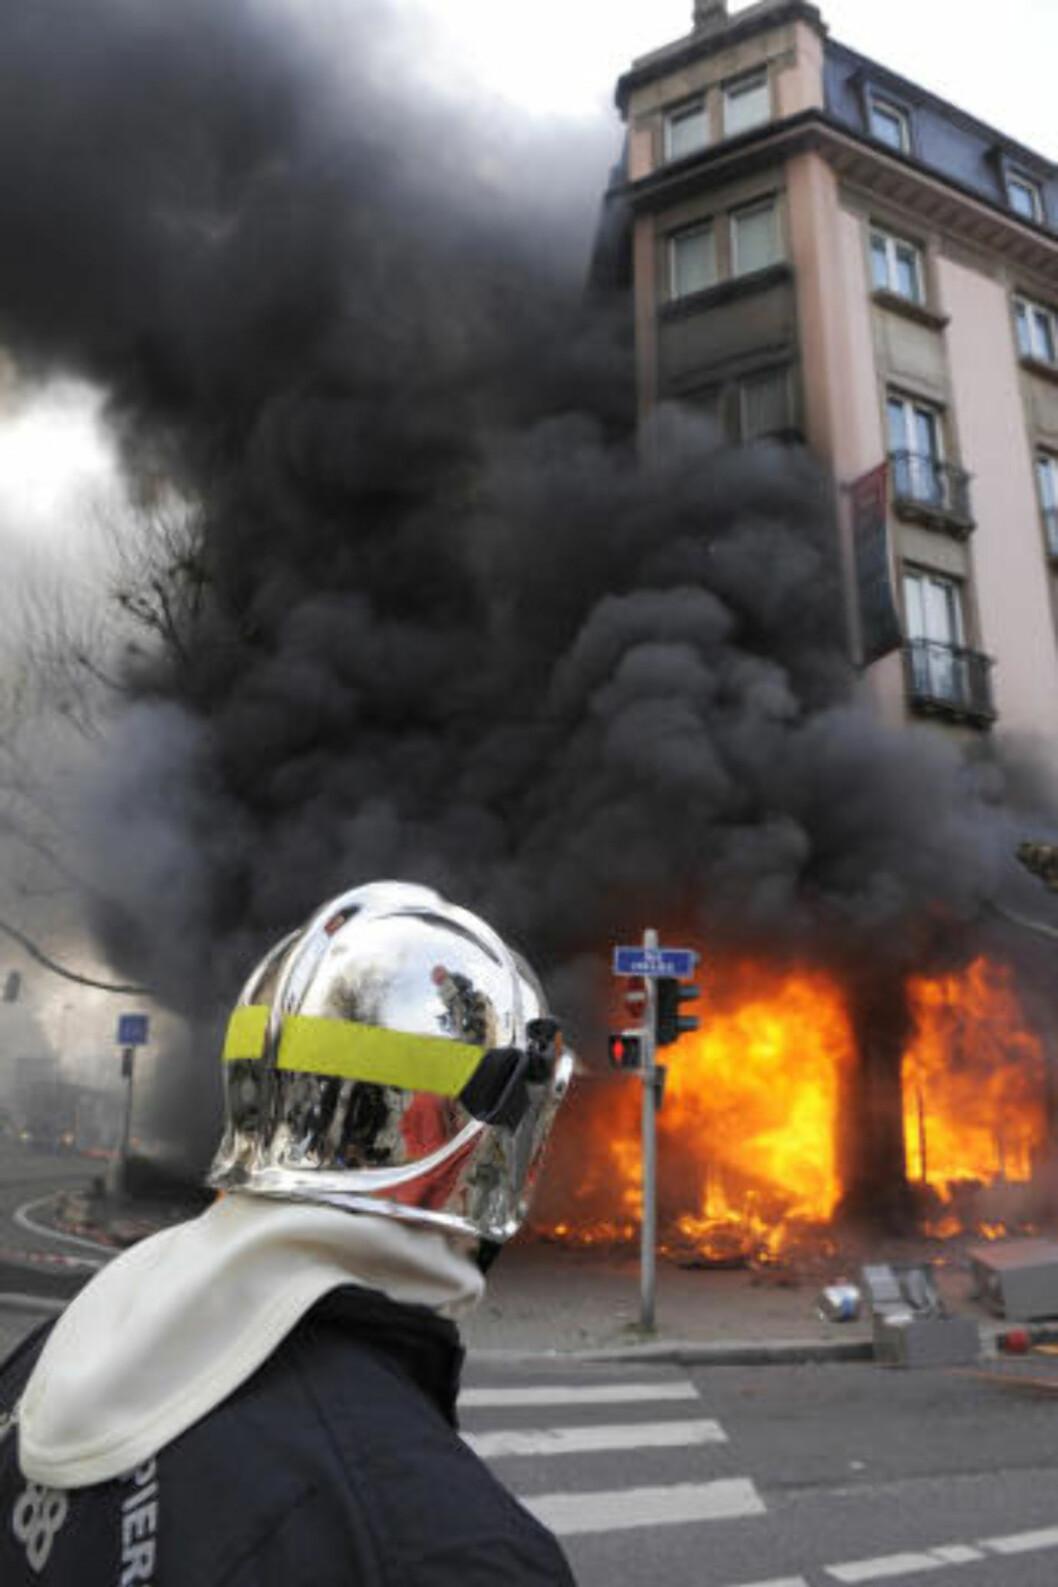 <strong>BRENNER NED:</strong> Protestene ble opptøyer rundt klokken 12 i dag.  Foto: AFP PHOTO DDP / AXEL SCHMIDT